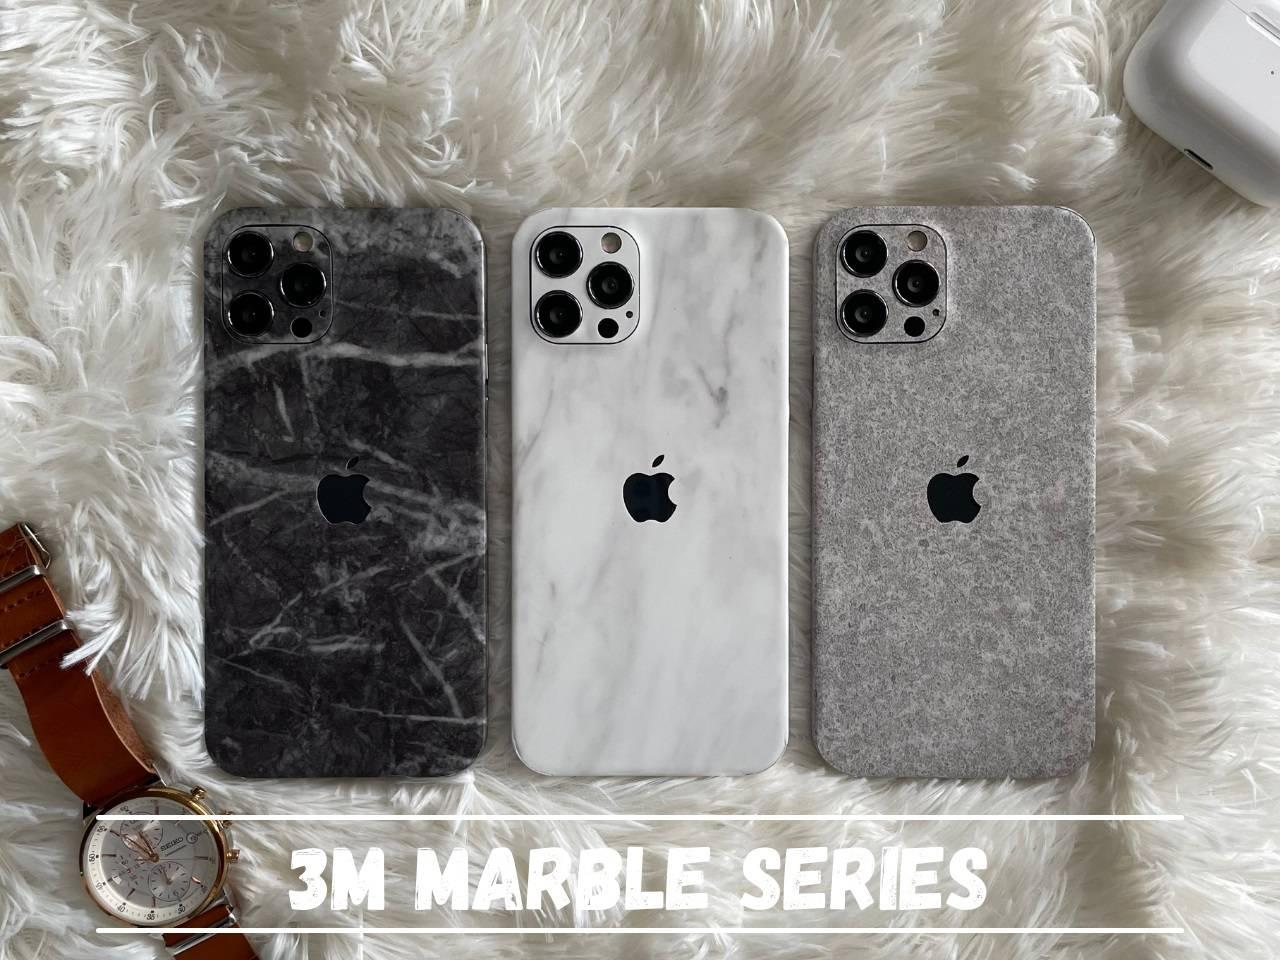 Mojoskins 3M Marble Series